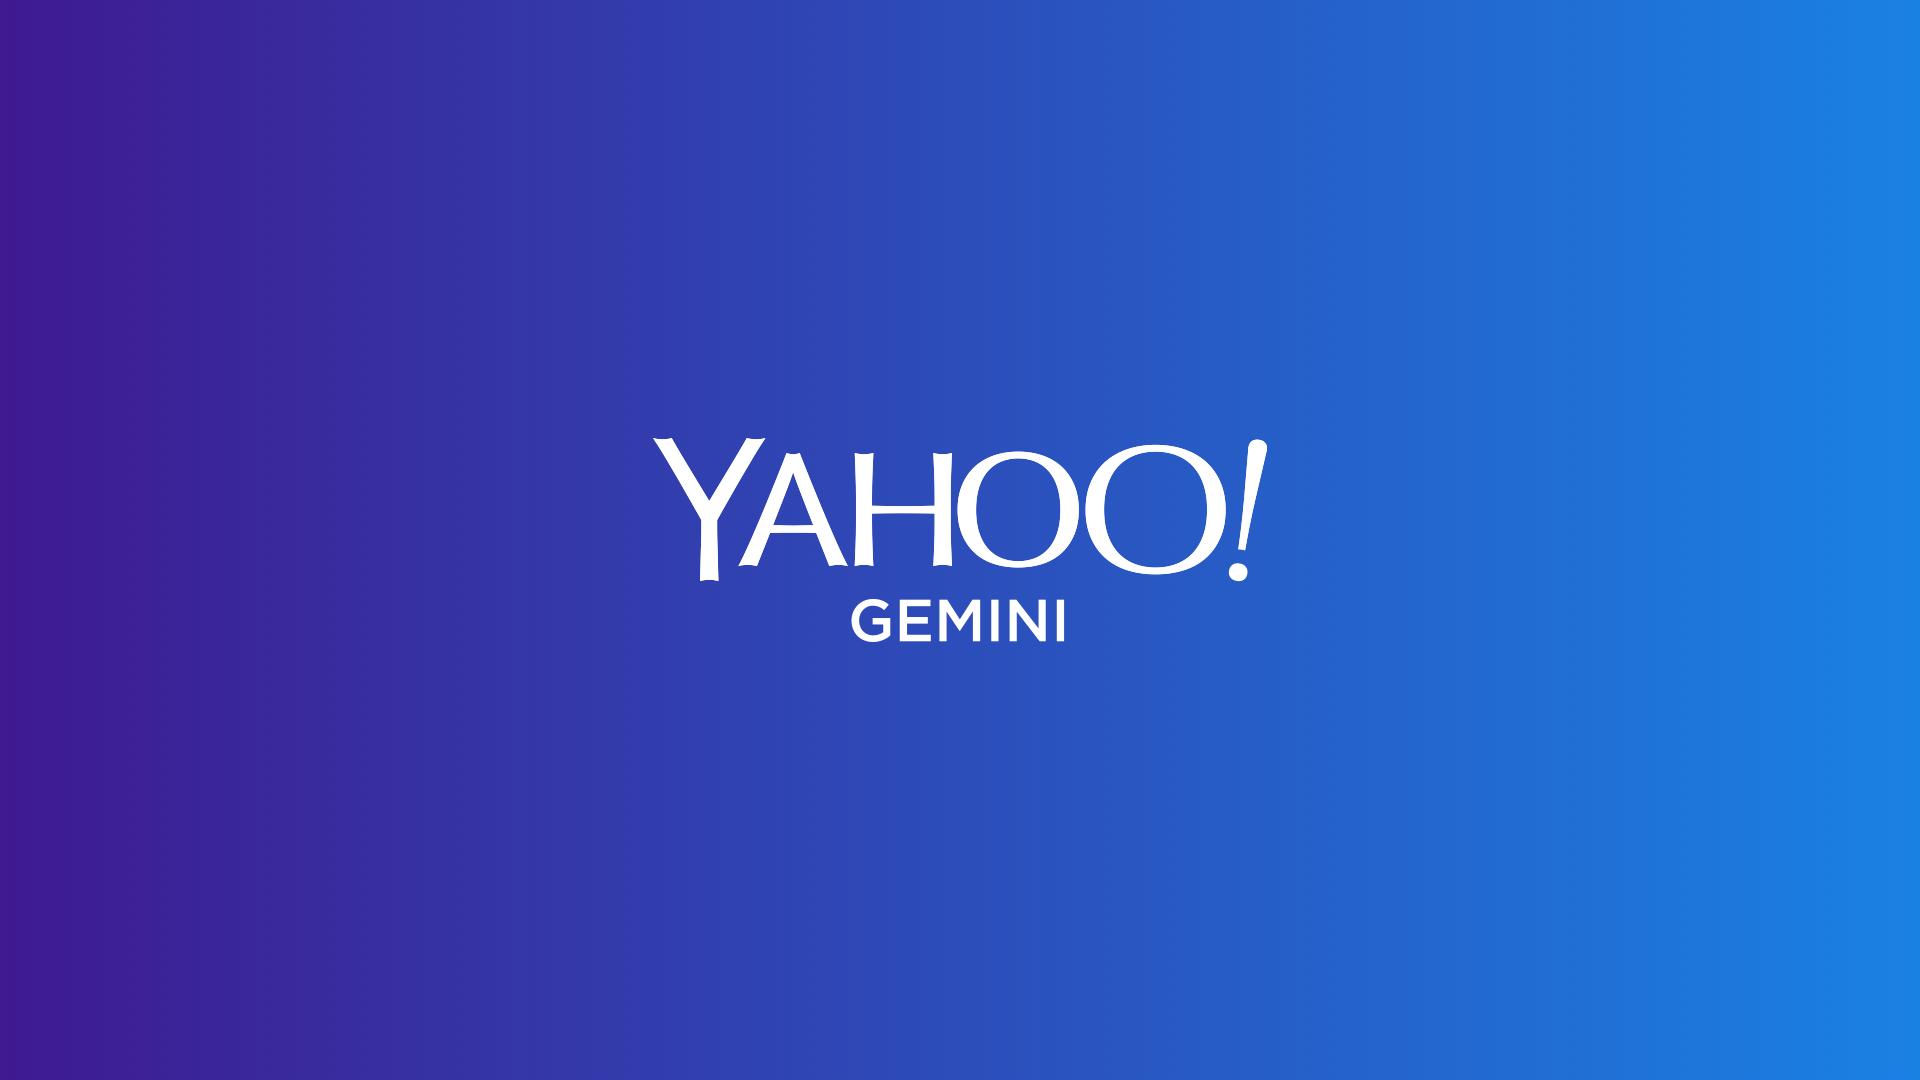 yahoo-gemini.001.jpg